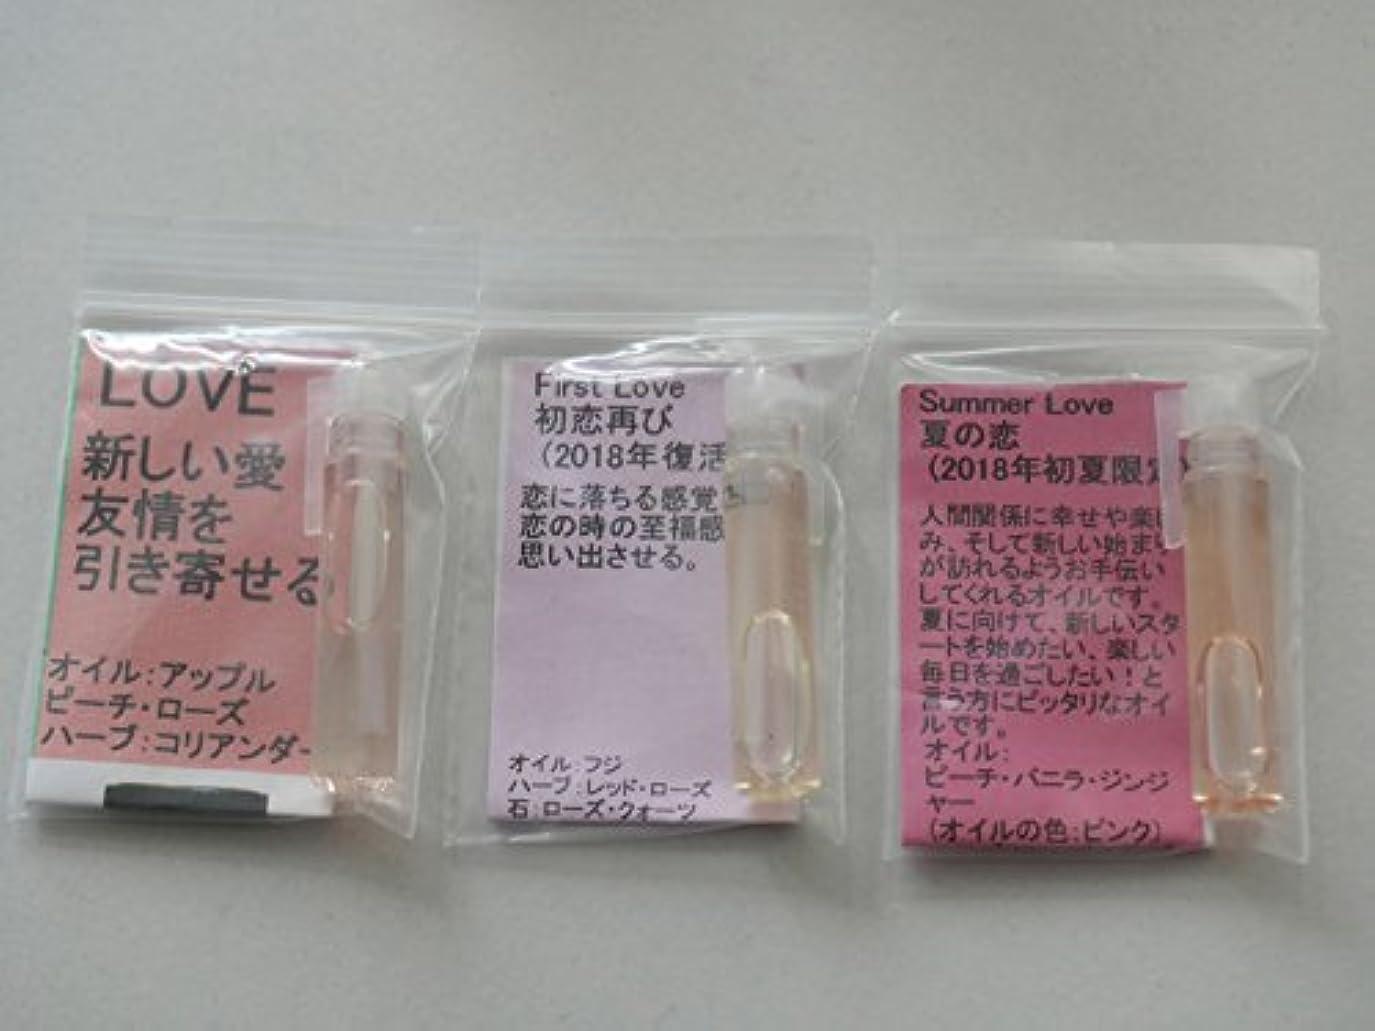 余暇ターミナル無視するアンシェントメモリーオイル LOVEコンプリートコレクション 小分け3種セット【アンシェントメモリーオイルのLOVEと名前の付くアイテムをセットしました。LOVE?FirstLove?SummerLove】